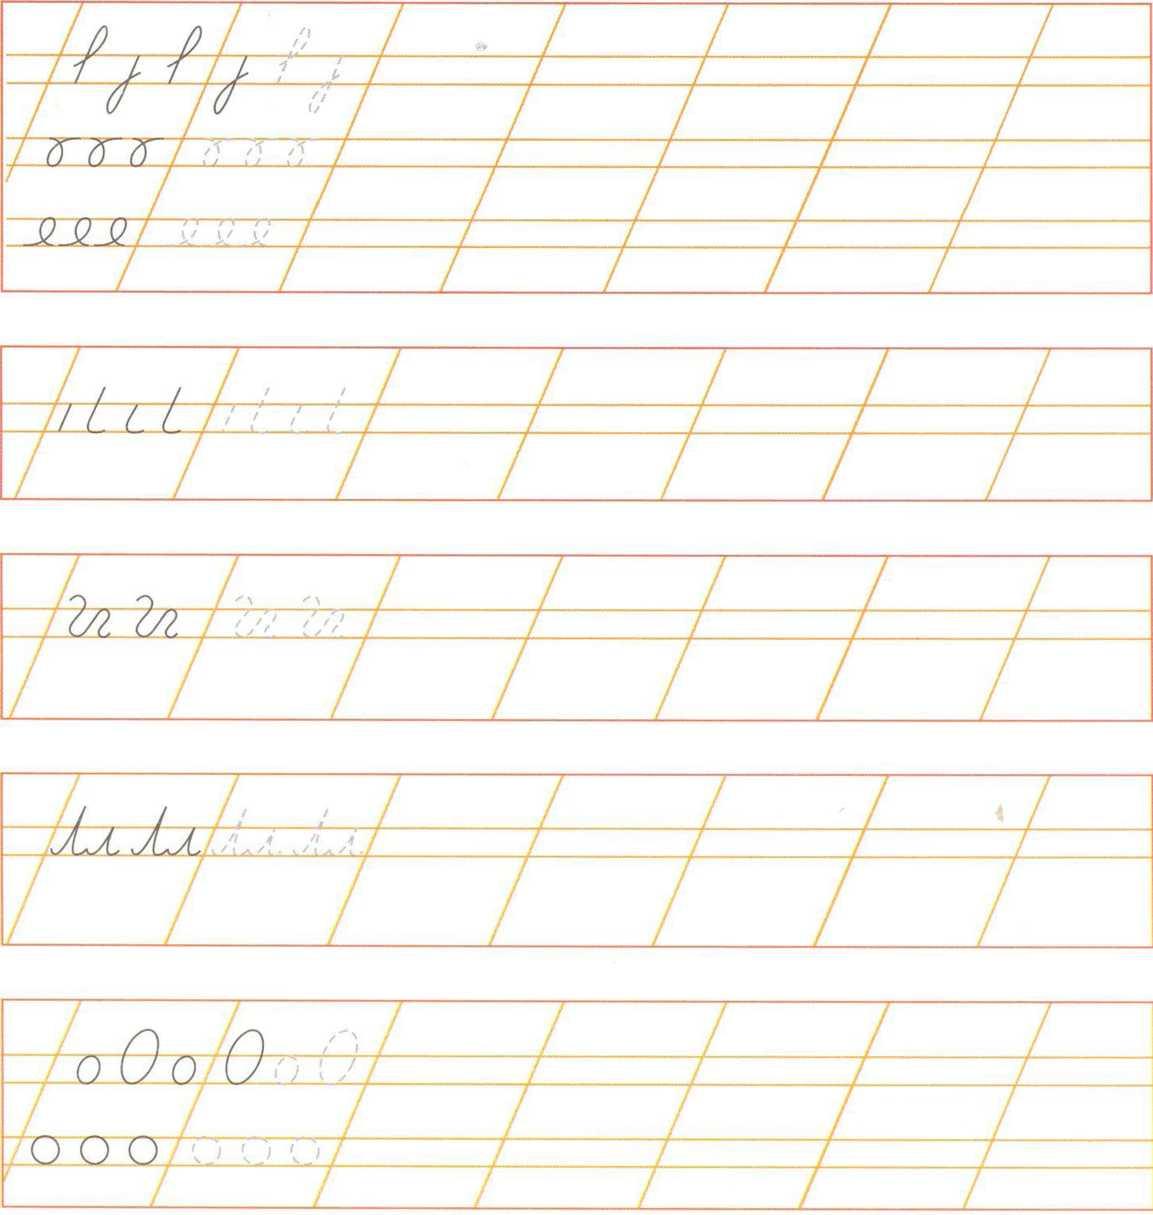 Лицей 488 Шаблон разлиновки листа в косую линию для